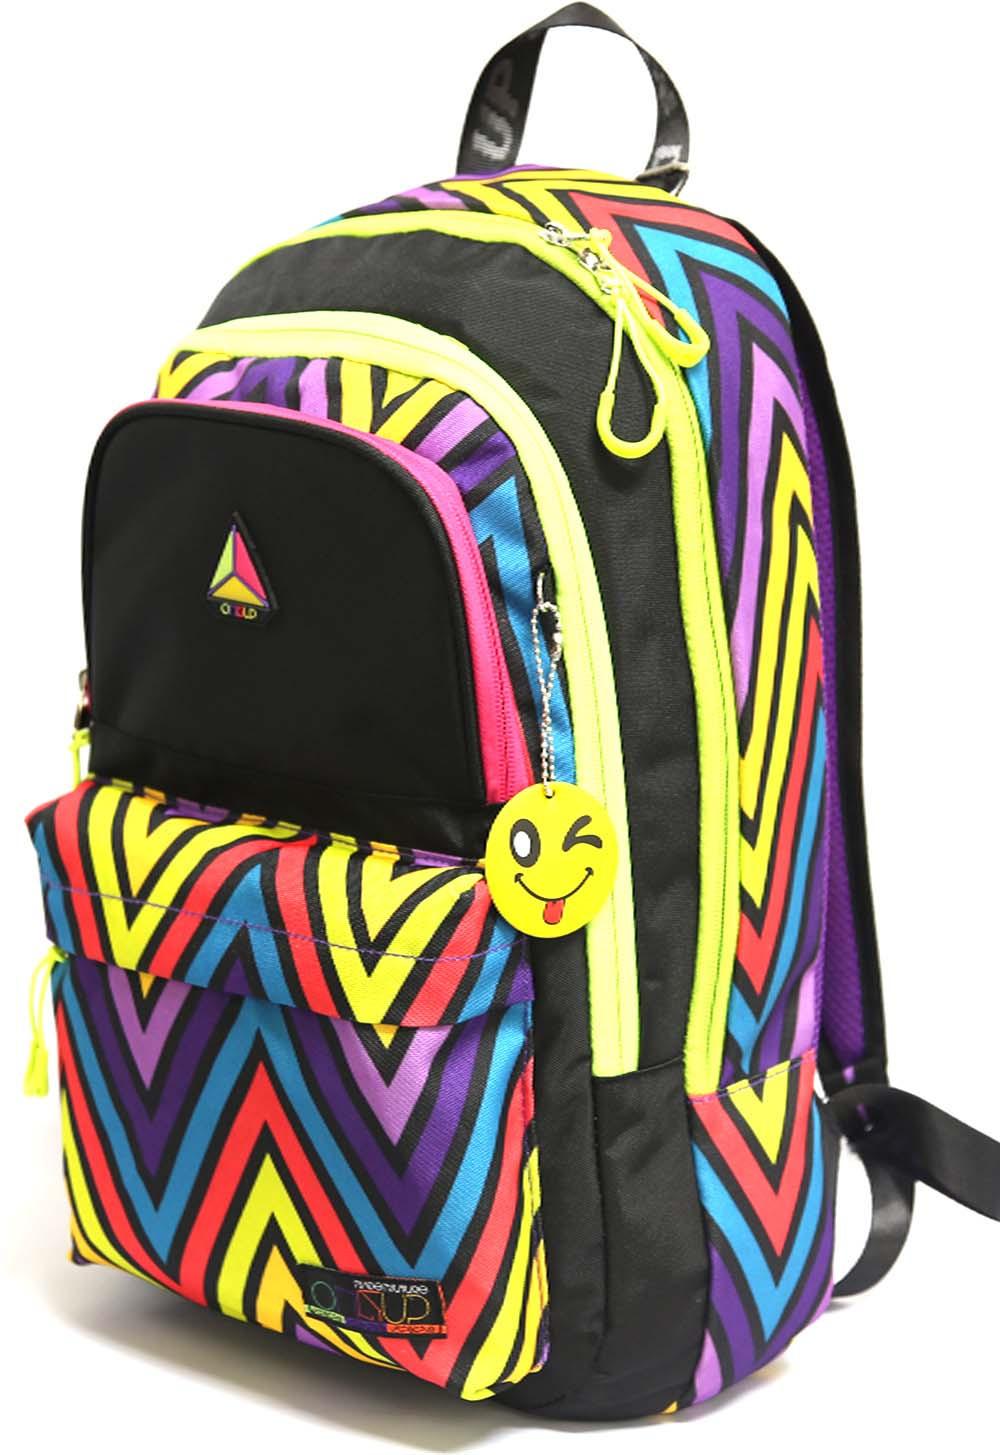 цена Рюкзак детский UFO People, цвет: фиолетовый. 7658 онлайн в 2017 году